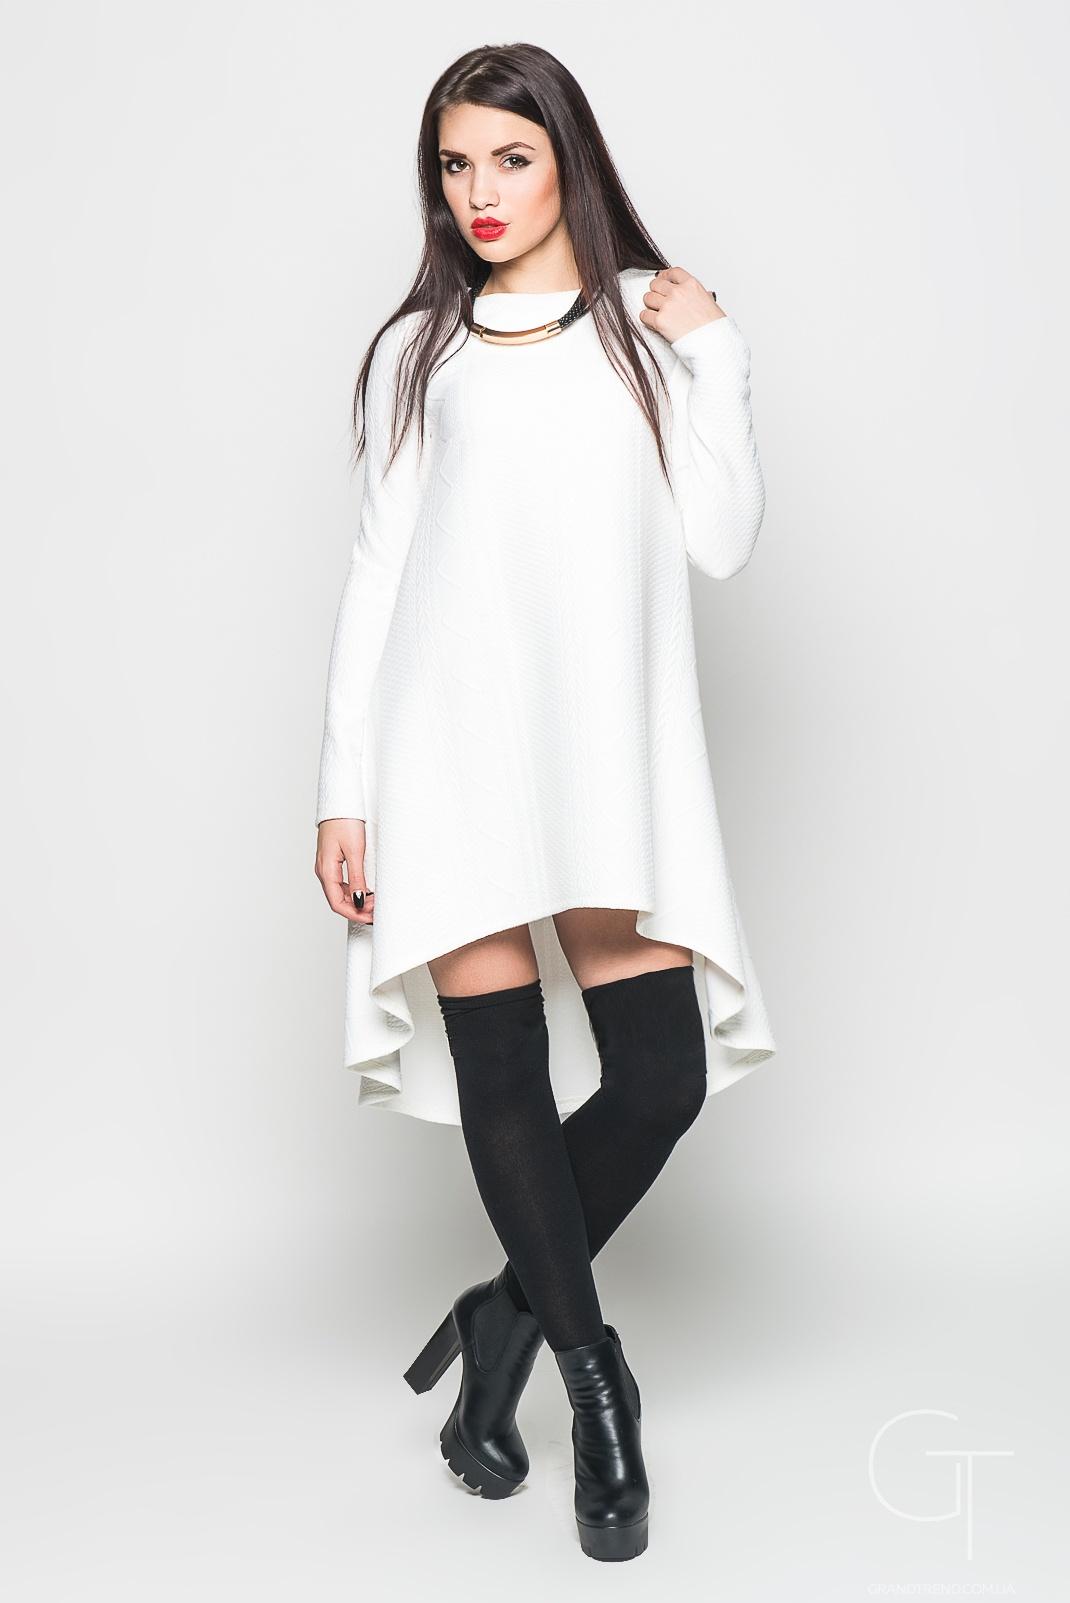 Сбор заказов. Очень красивая и модная женская одежда C@ric@. Платья, блузки, костюмы, леггинсы, кофты. Выкуп 5.